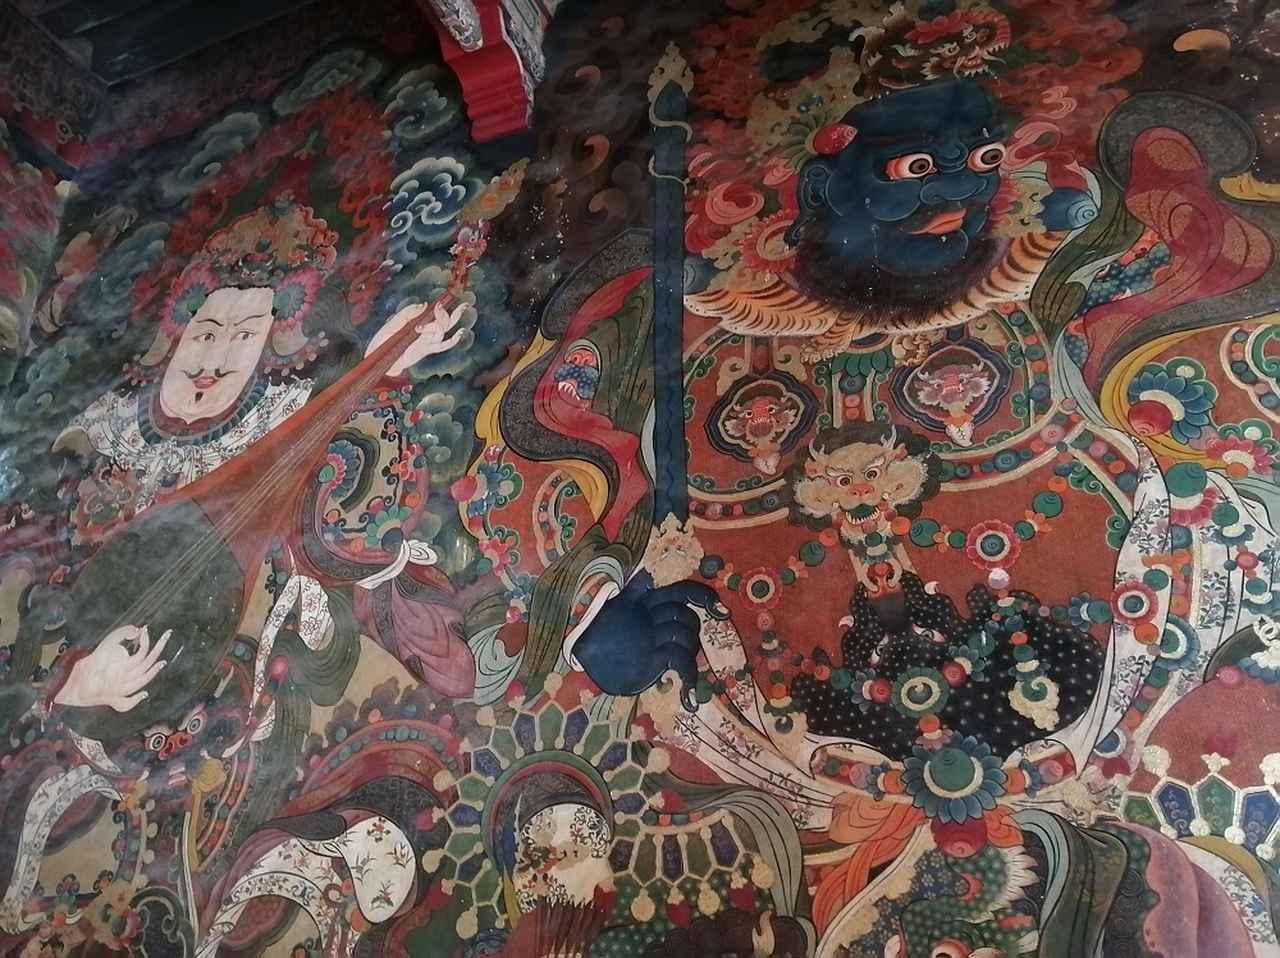 画像: 仏教に関わる壁画にいたるところに描かれている